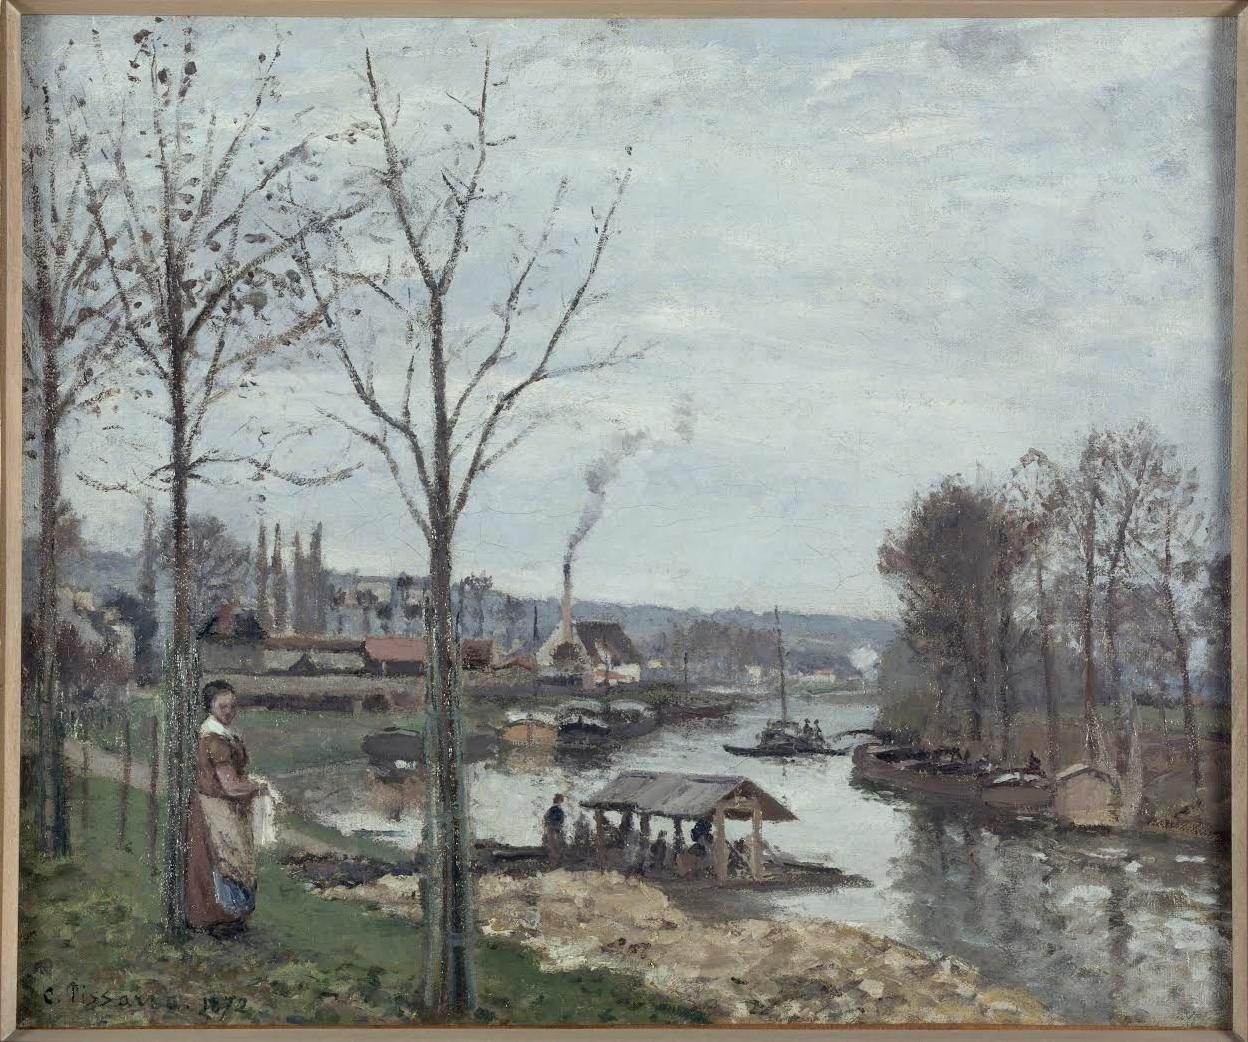 Camille Pissarro. La Seine à Port-Marly, le lavoir, 1872. Musée d'Orsay, París